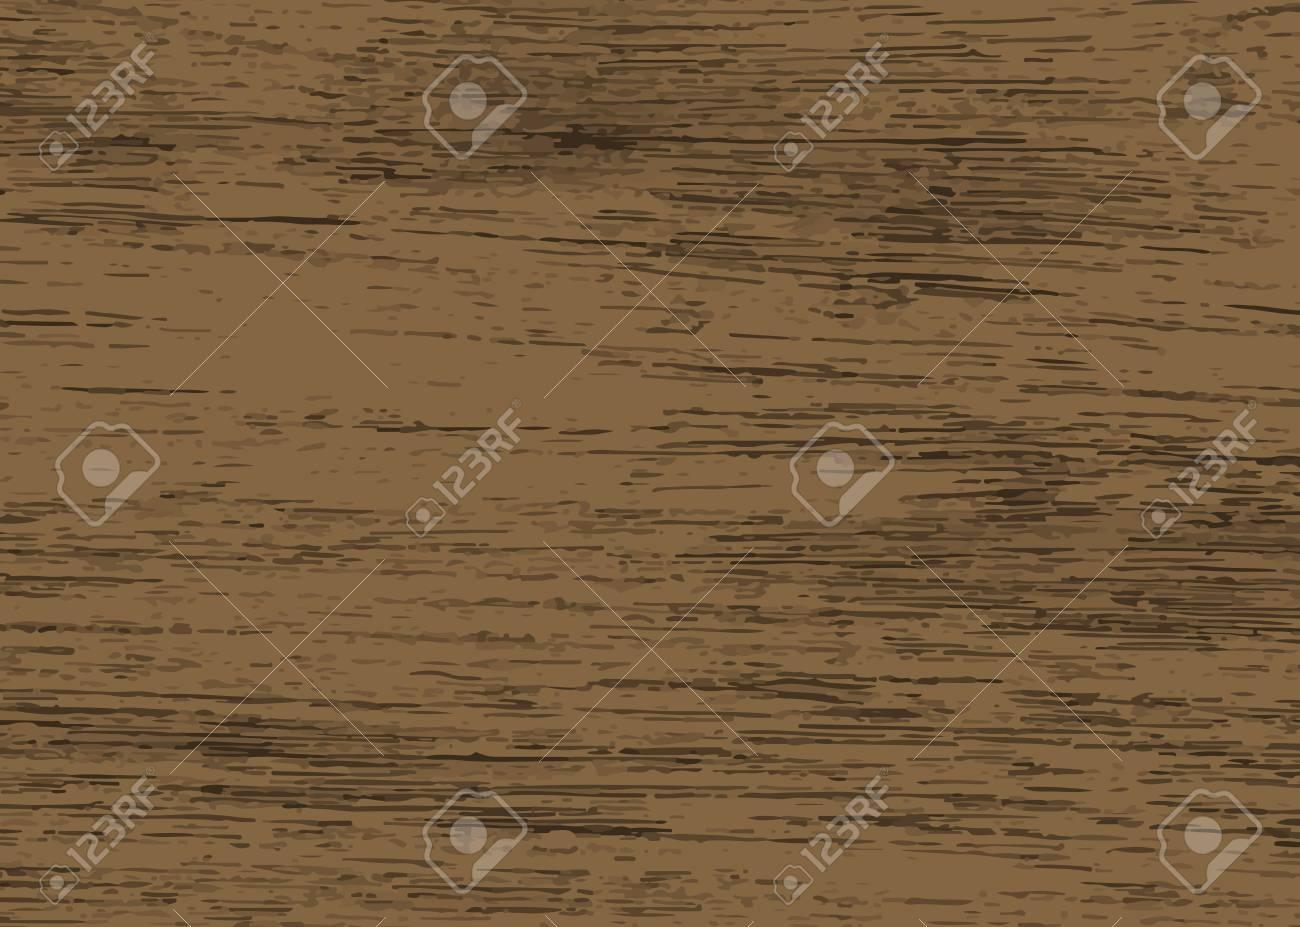 Rustic dark brown wooden textured background vector - 122905732